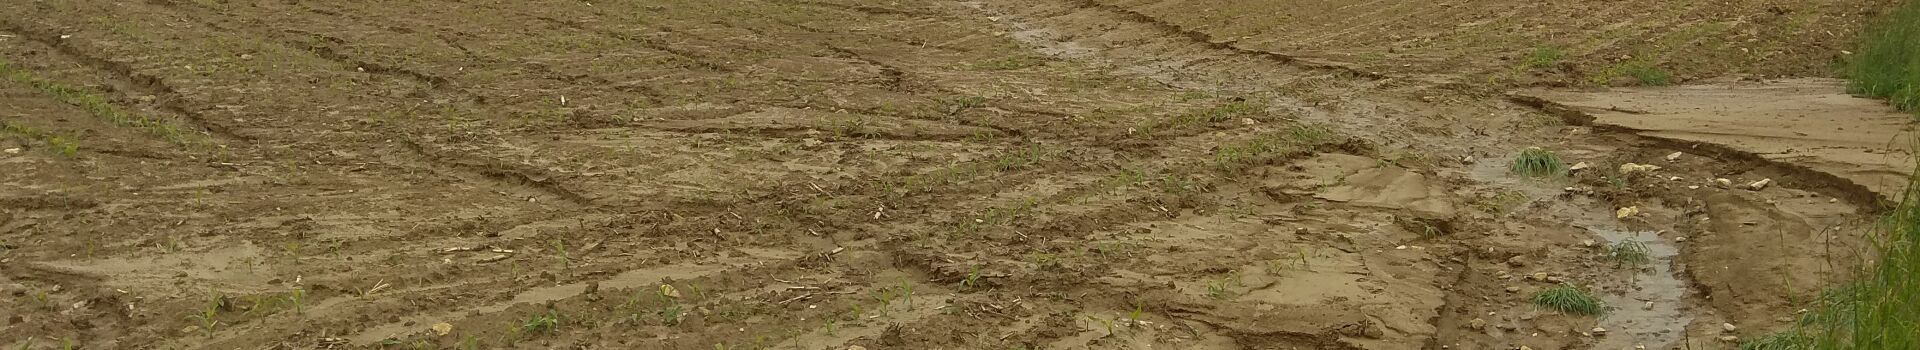 Bodenerosion in einem brachliegendem Feld bei Lörrach